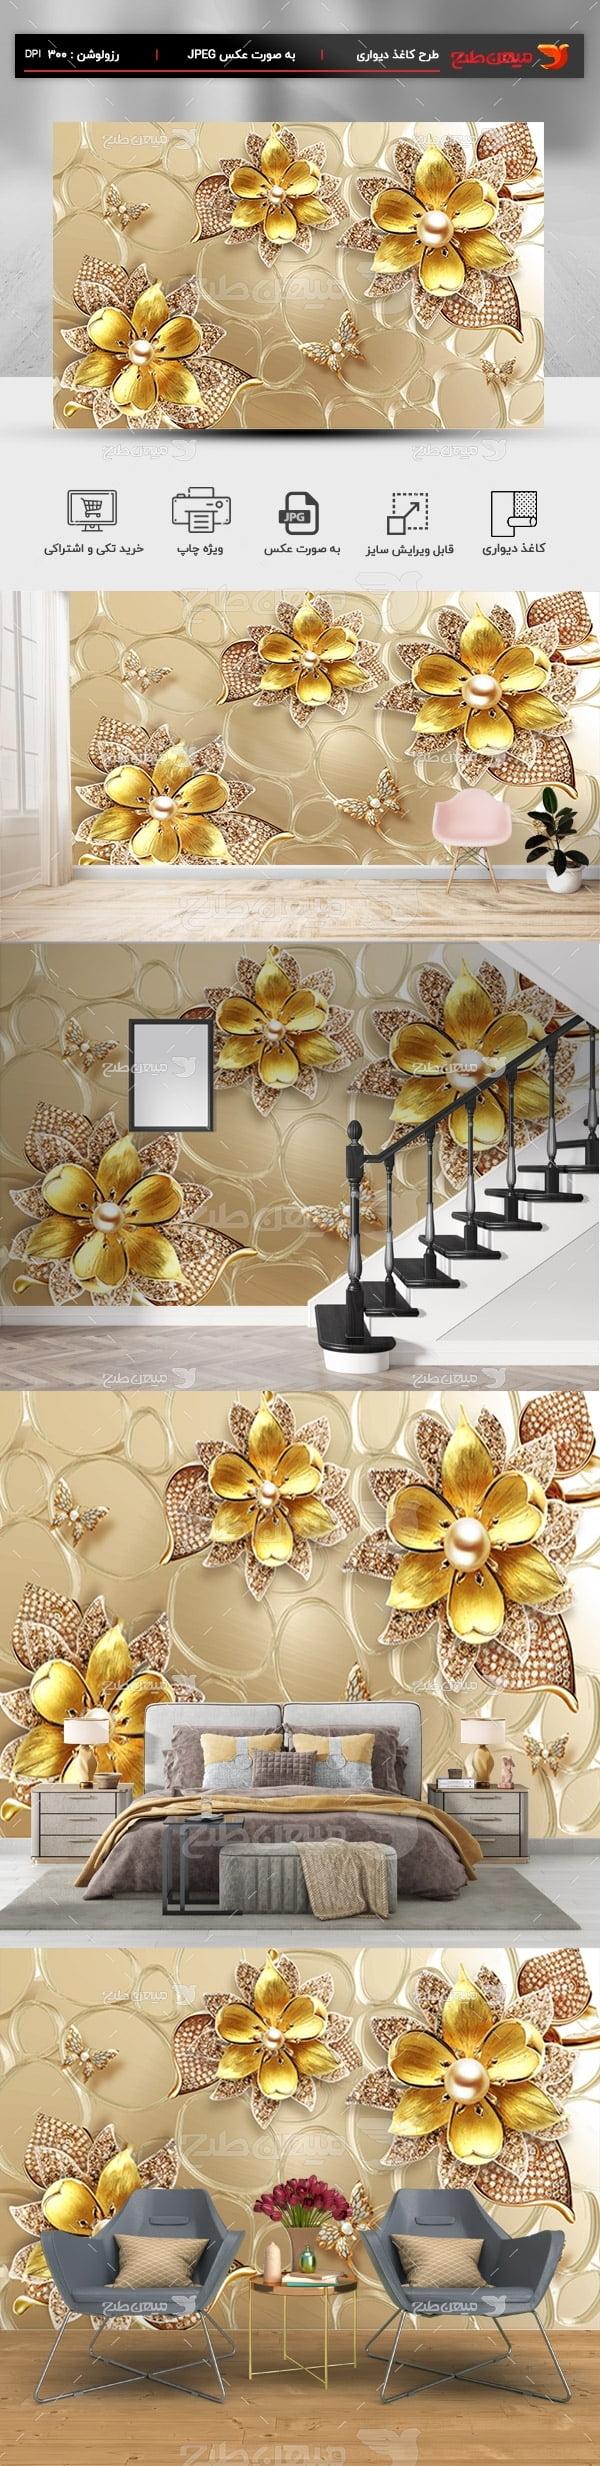 پوستر کاغذ دیواری سه بعدی نسکافه ای با گل طلایی